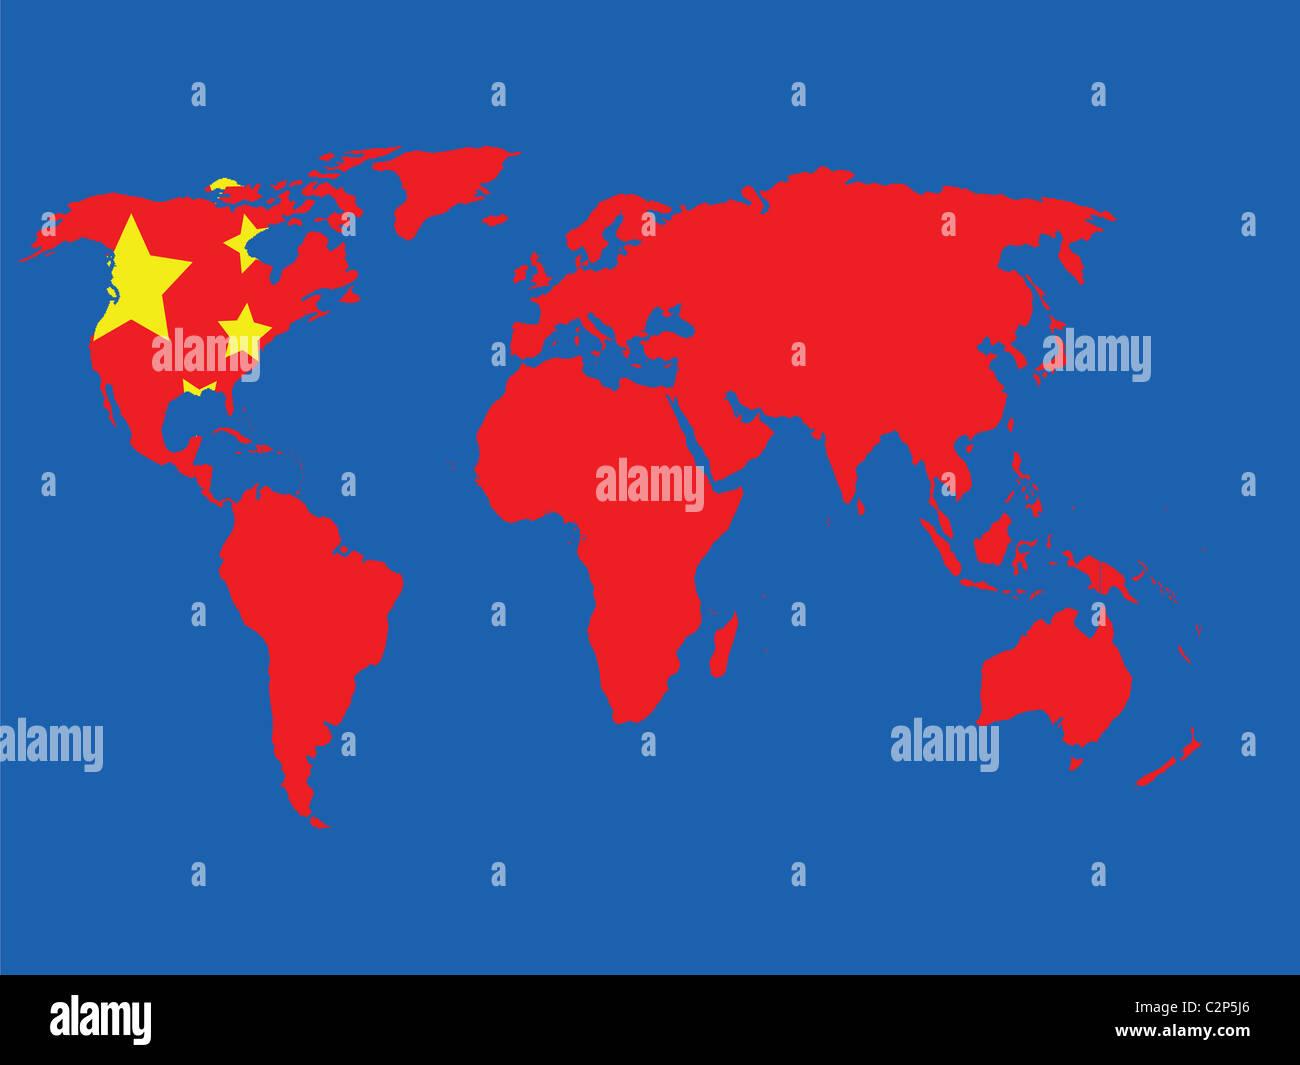 Economical world map - Stock Image